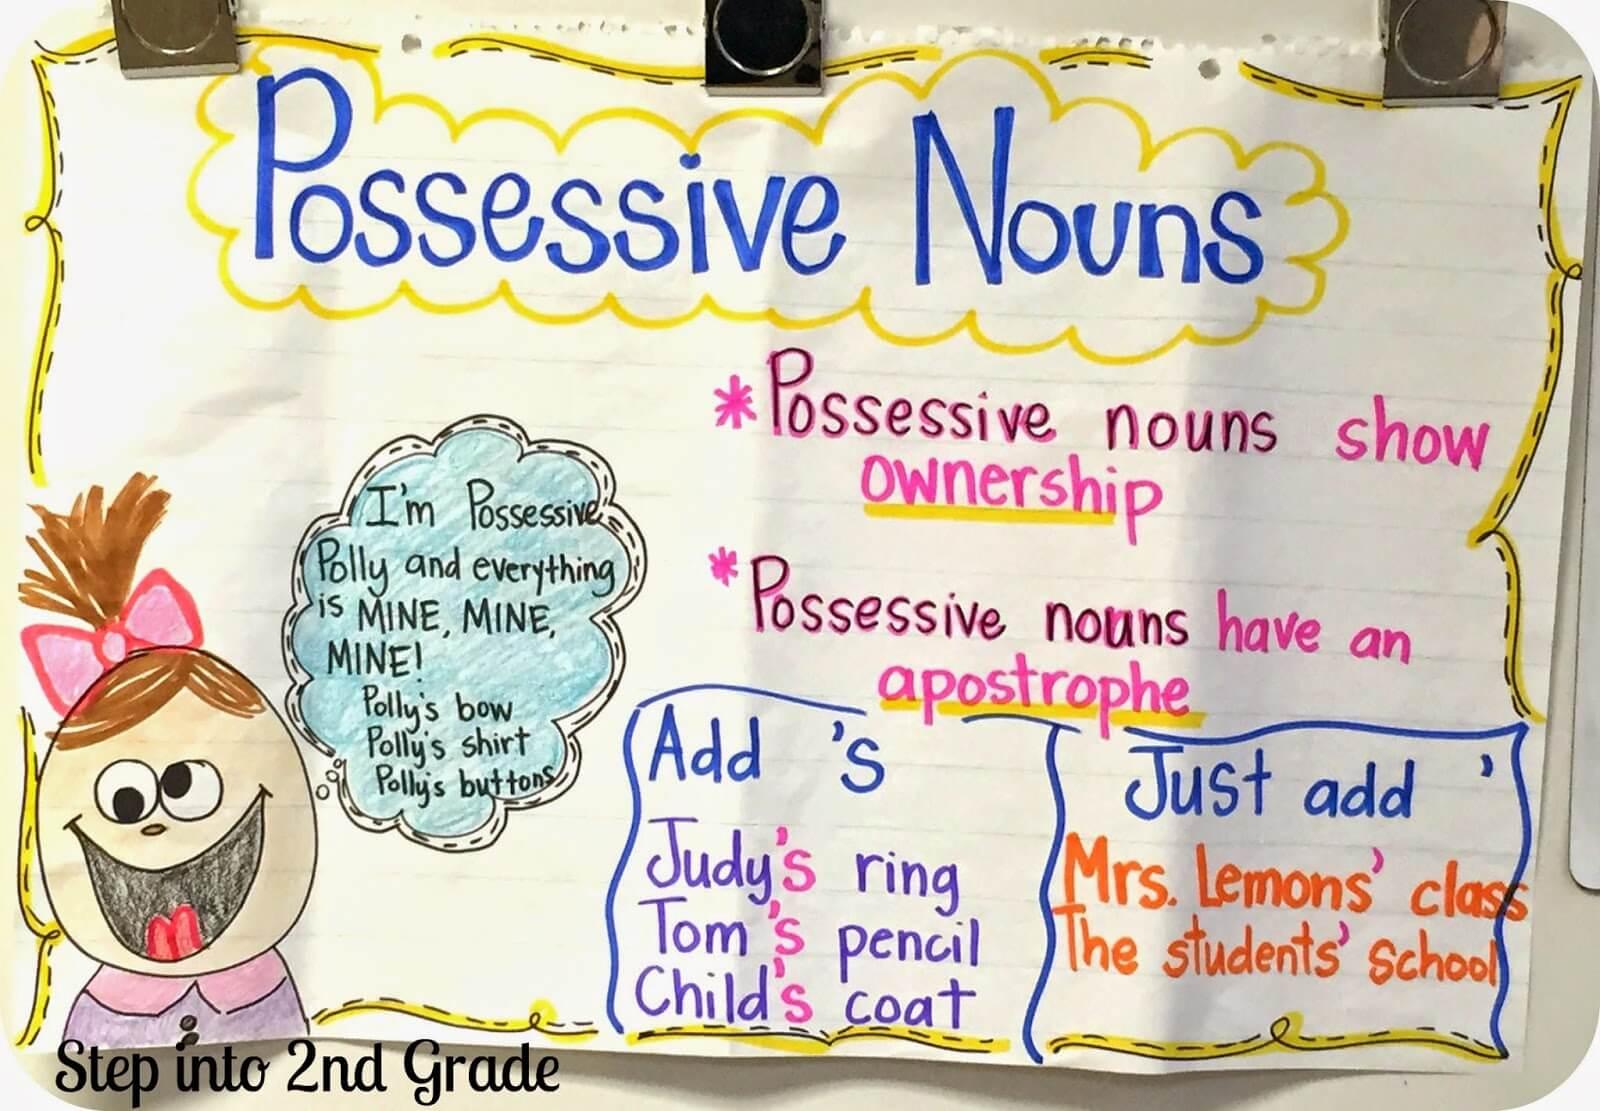 medium resolution of Possessive Nouns - Amy Lemons